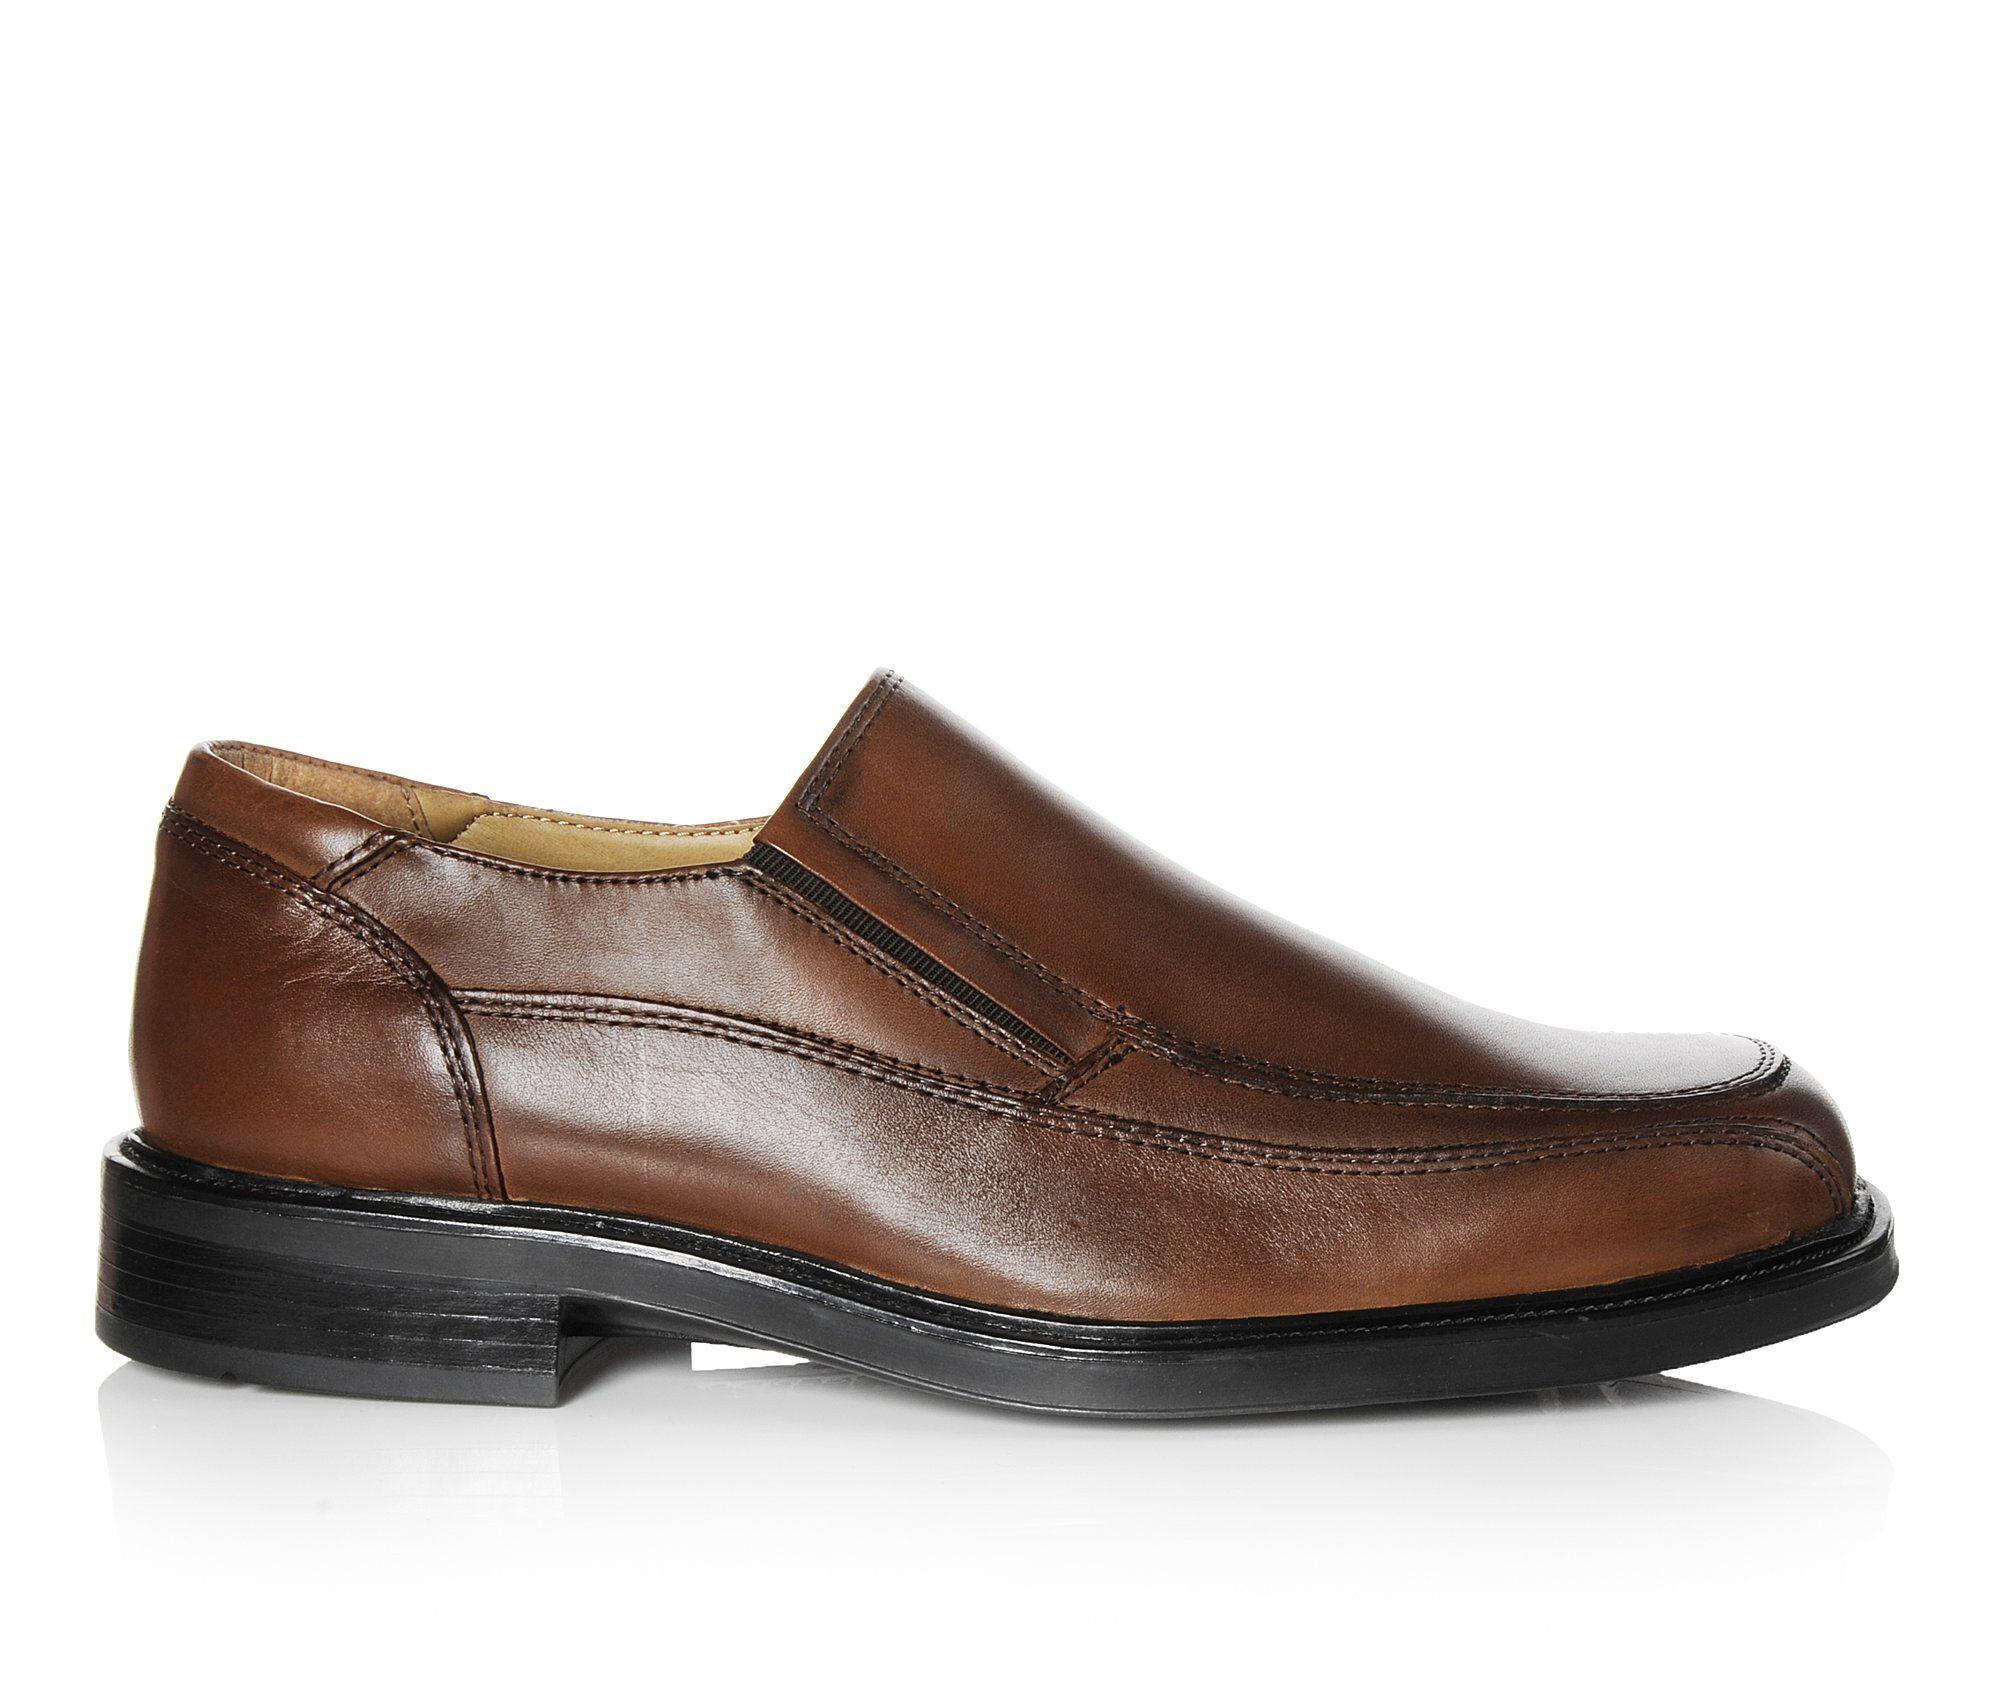 Dockers Proposal Loafers | Shoe Carnival